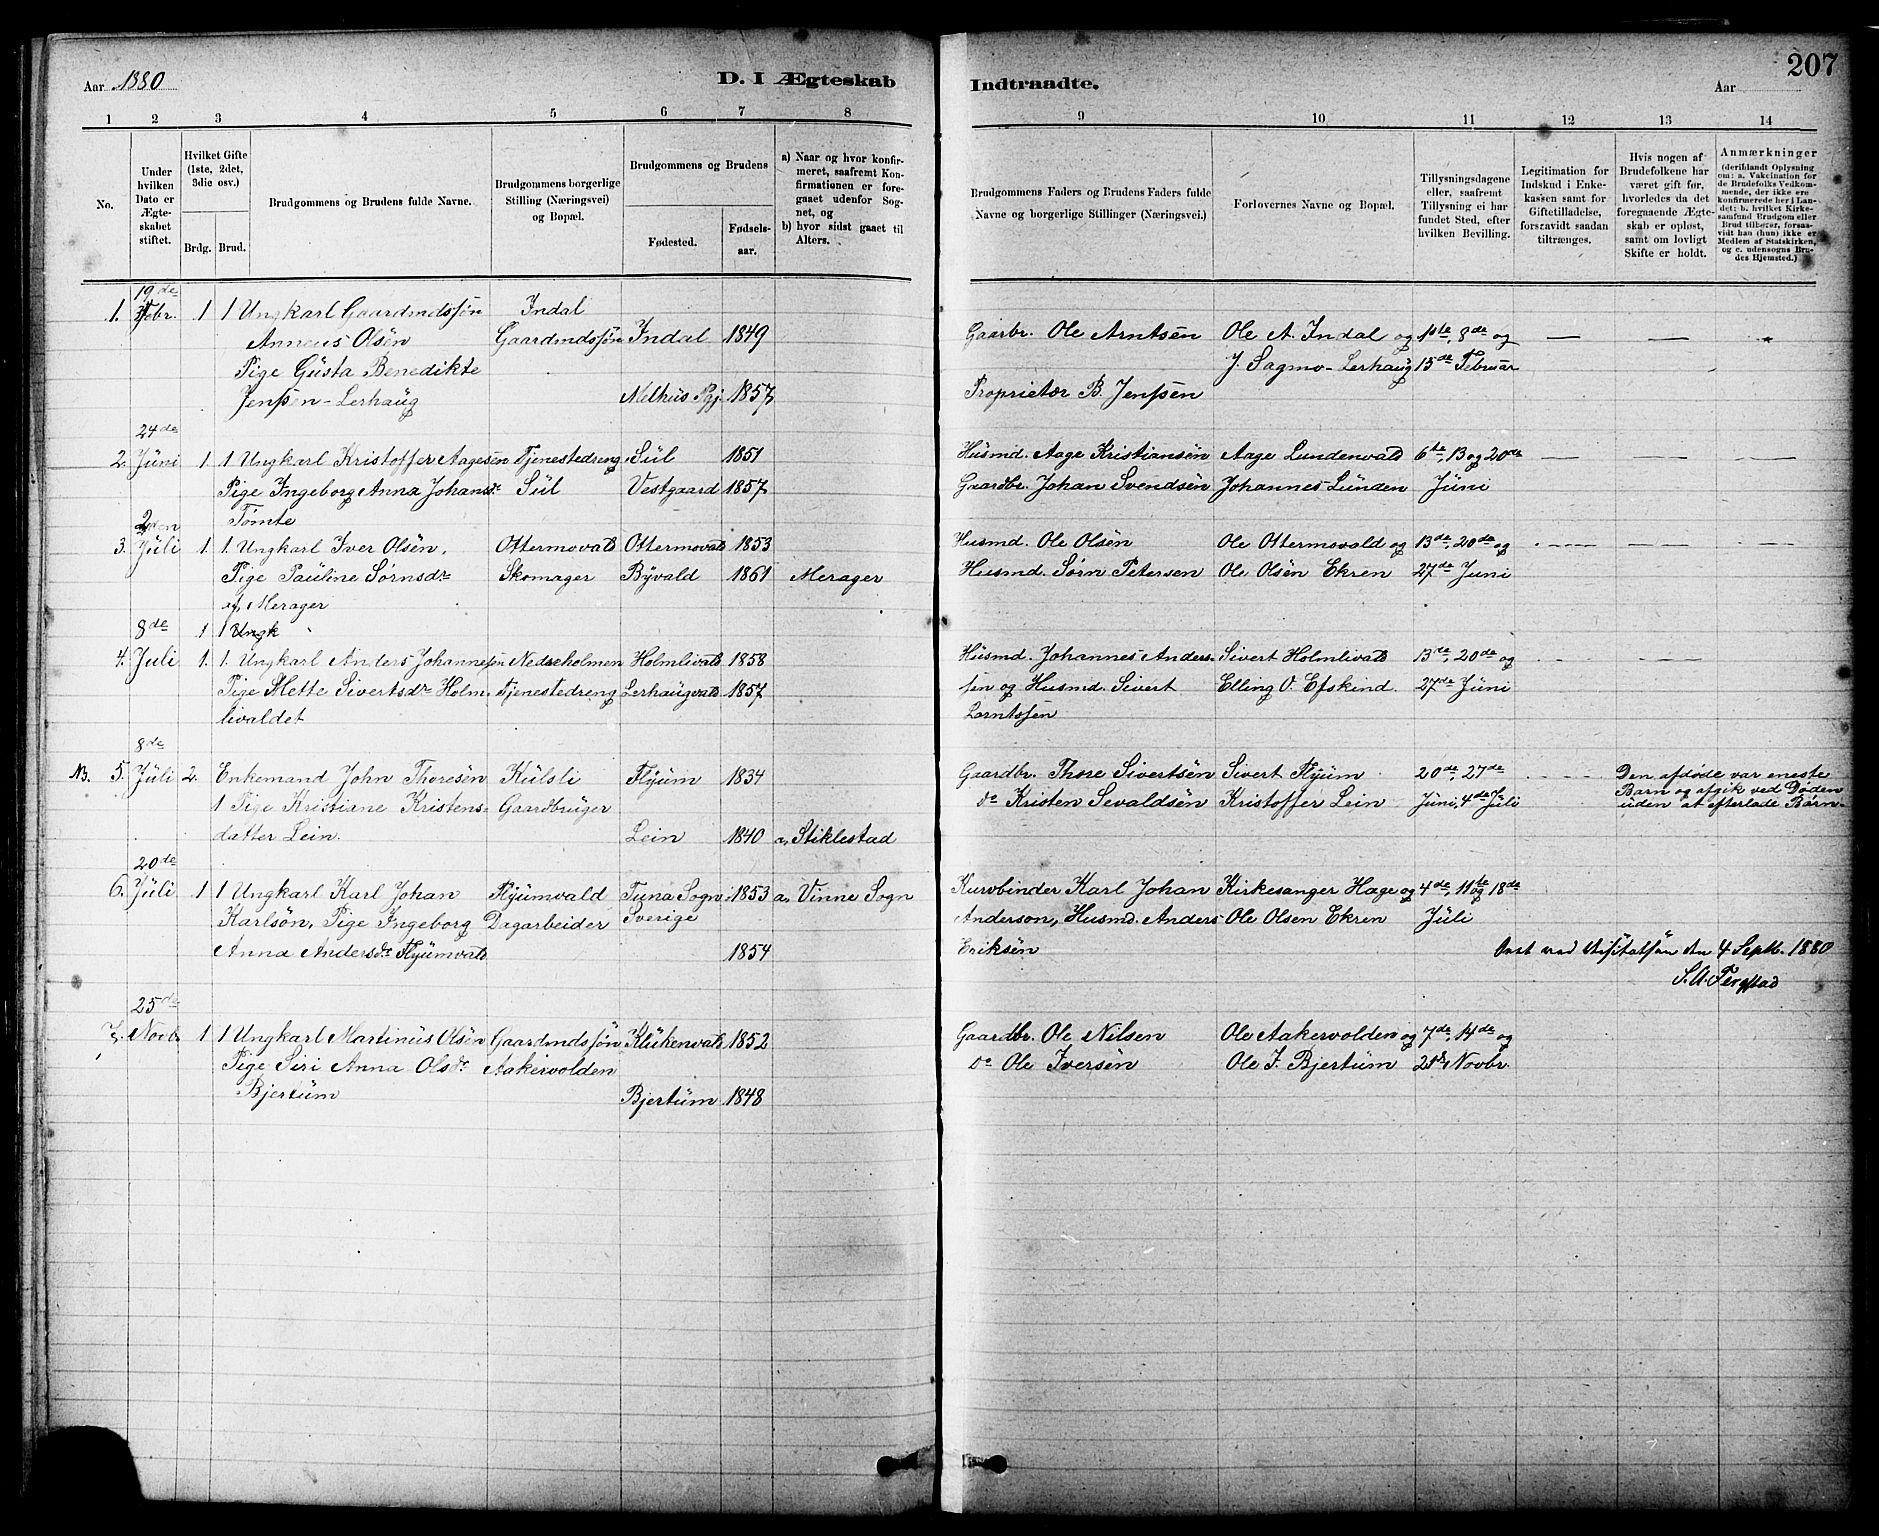 SAT, Ministerialprotokoller, klokkerbøker og fødselsregistre - Nord-Trøndelag, 724/L0267: Klokkerbok nr. 724C03, 1879-1898, s. 207